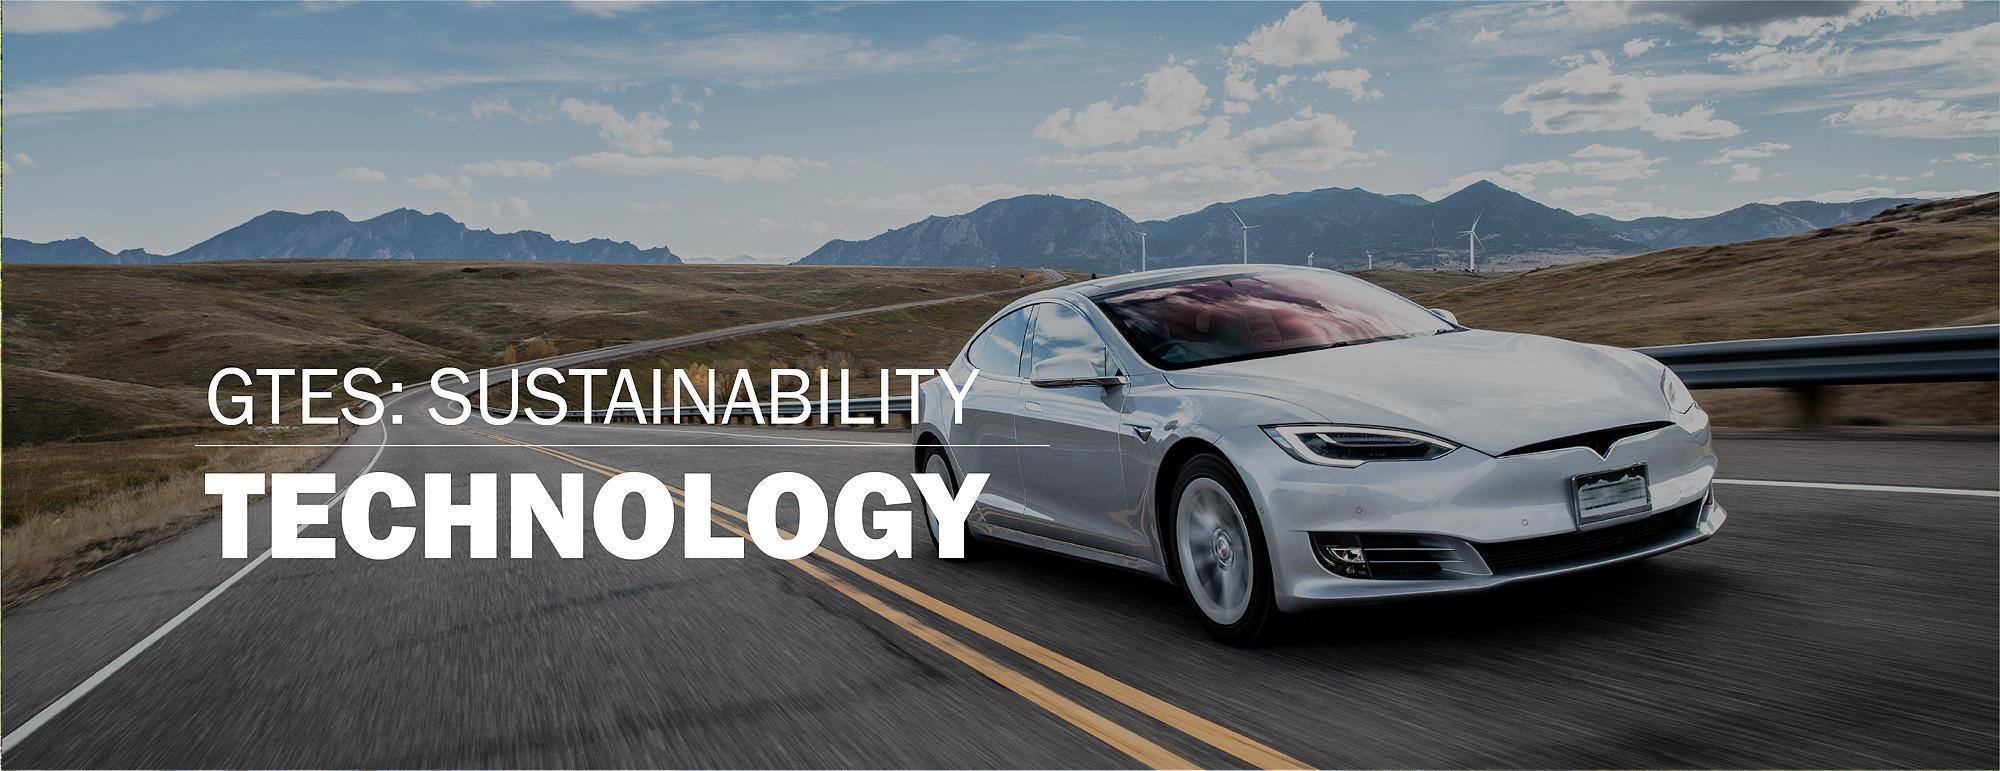 sustainability-technology